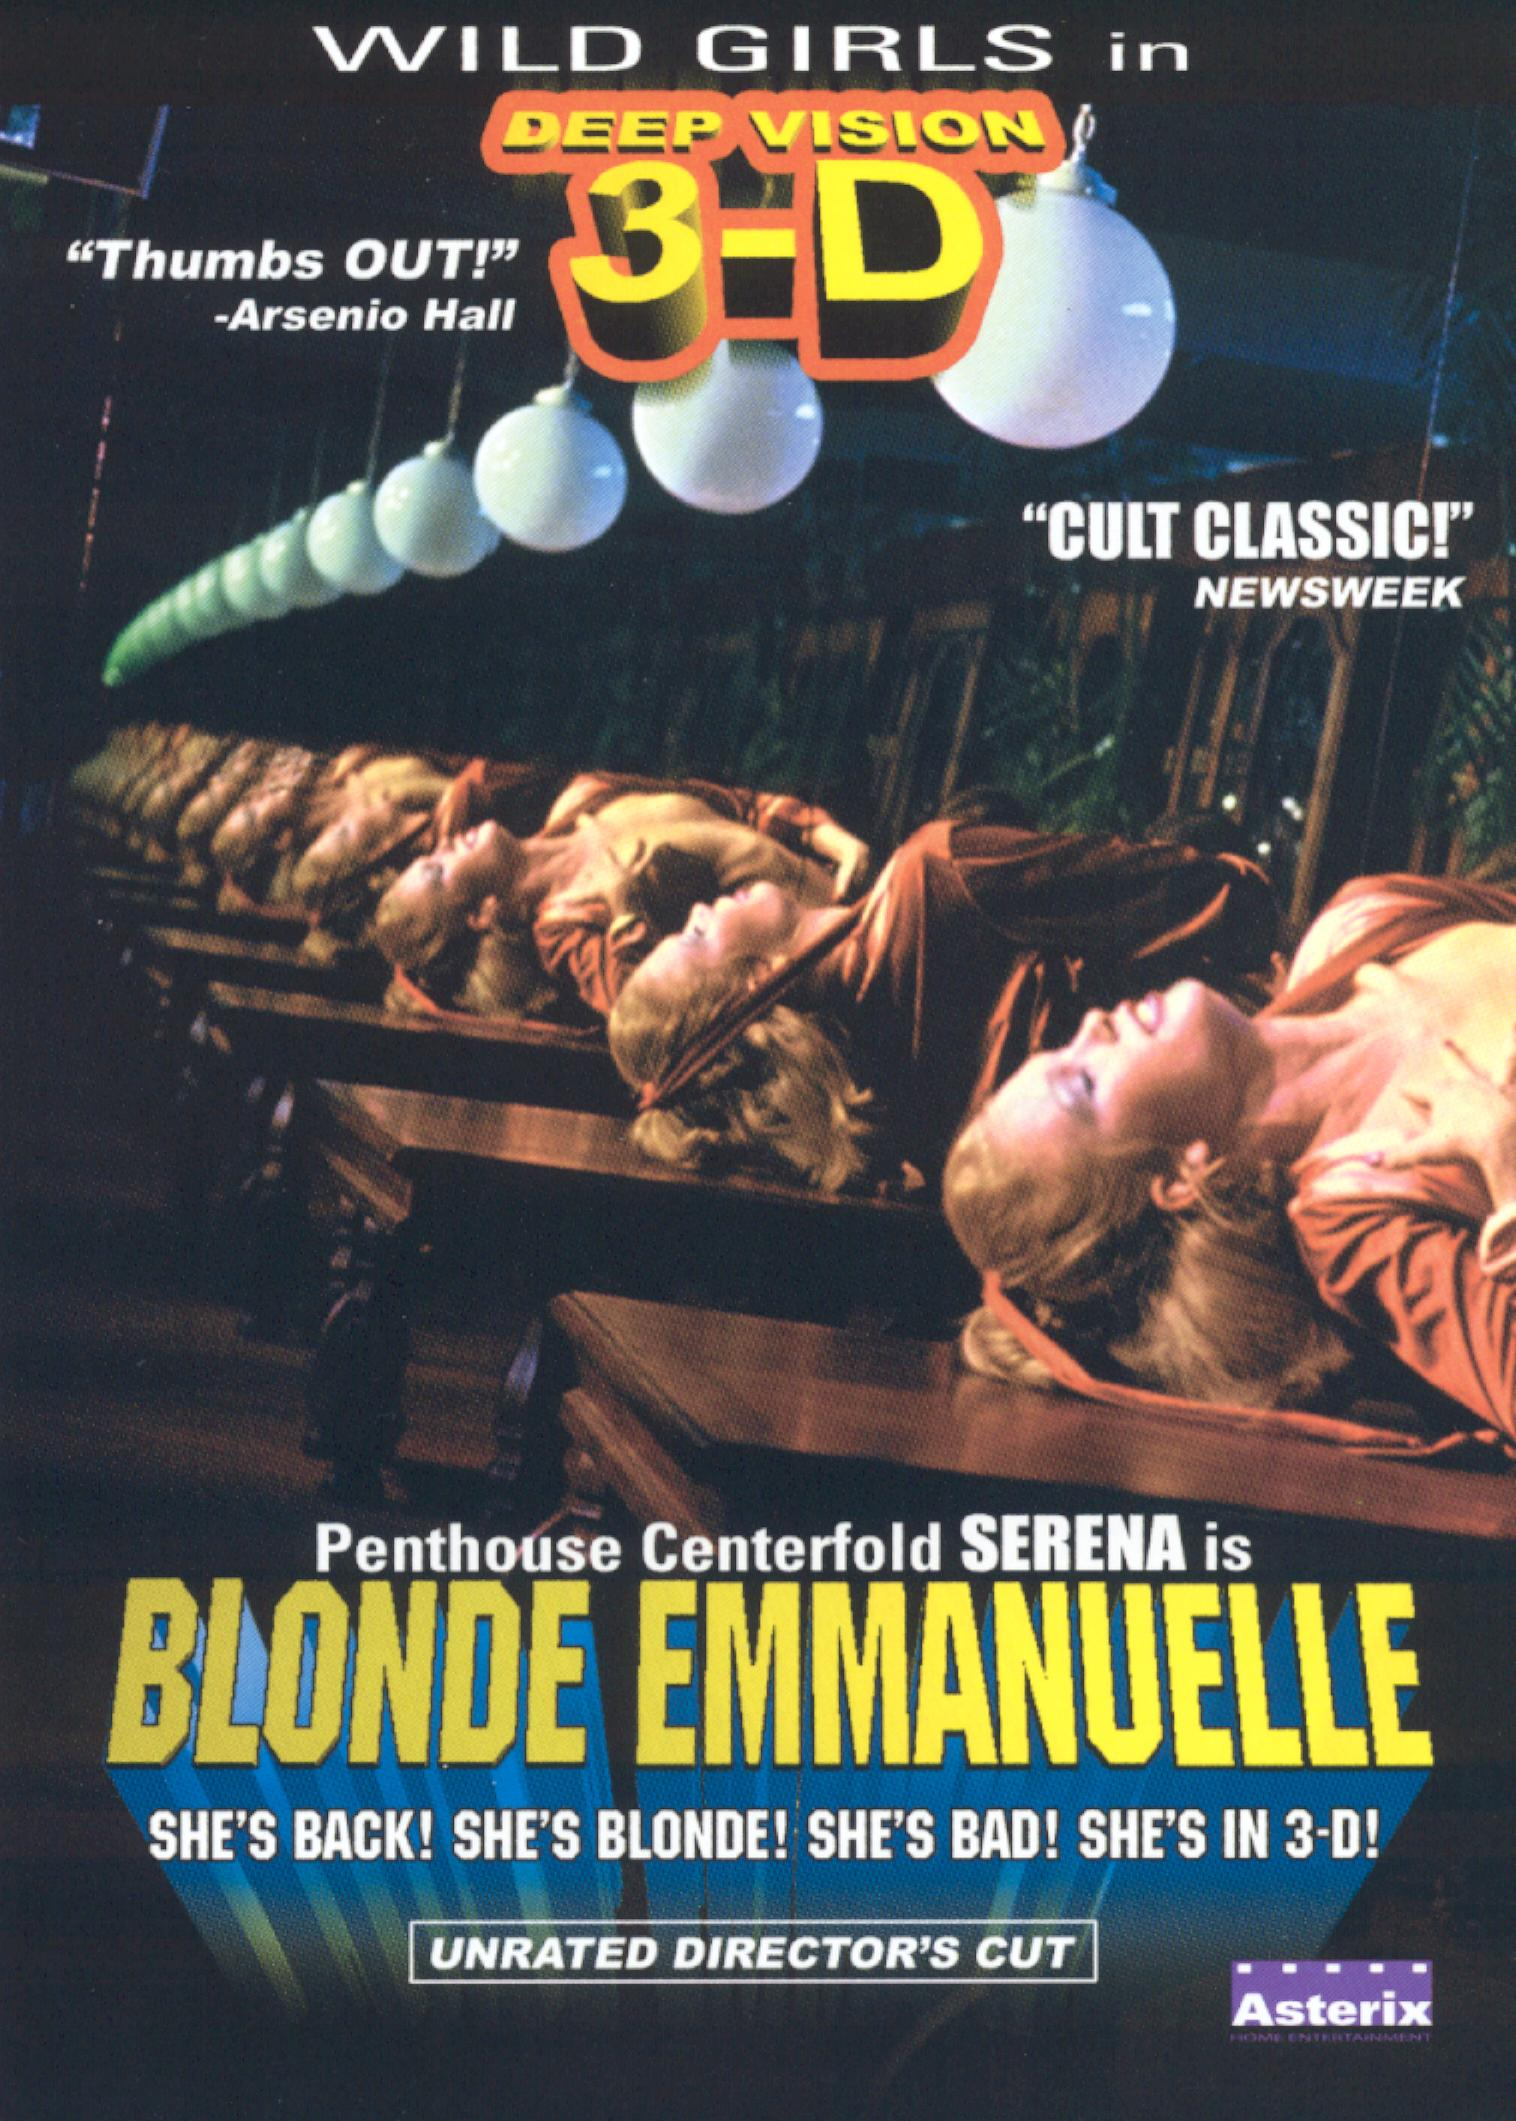 Blonde Emmanuelle